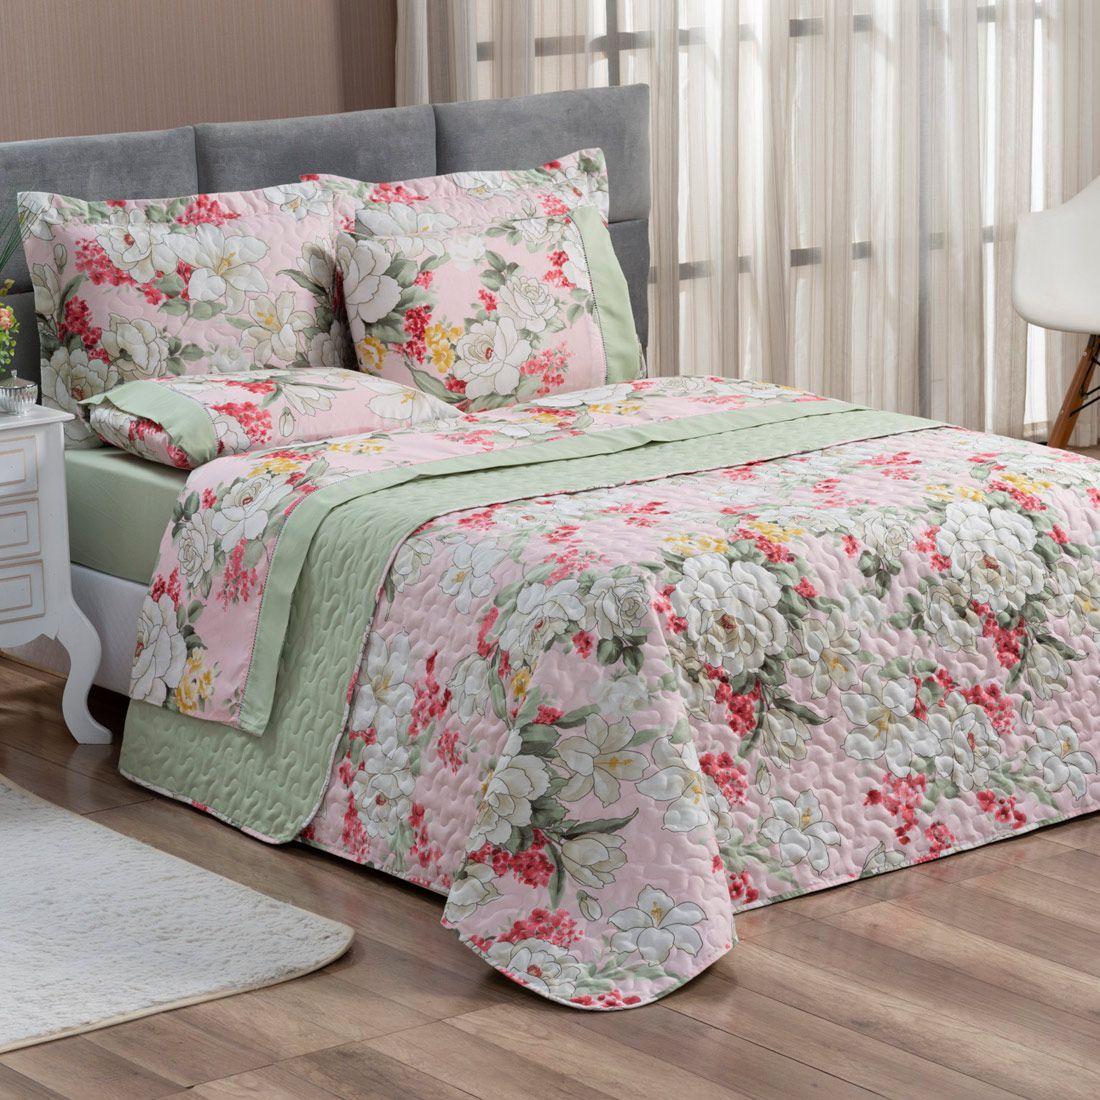 Cobre Leito Forest Floral Verde/Rosê Solteiro Dupla Face Micropercal 200 fios 02 peças